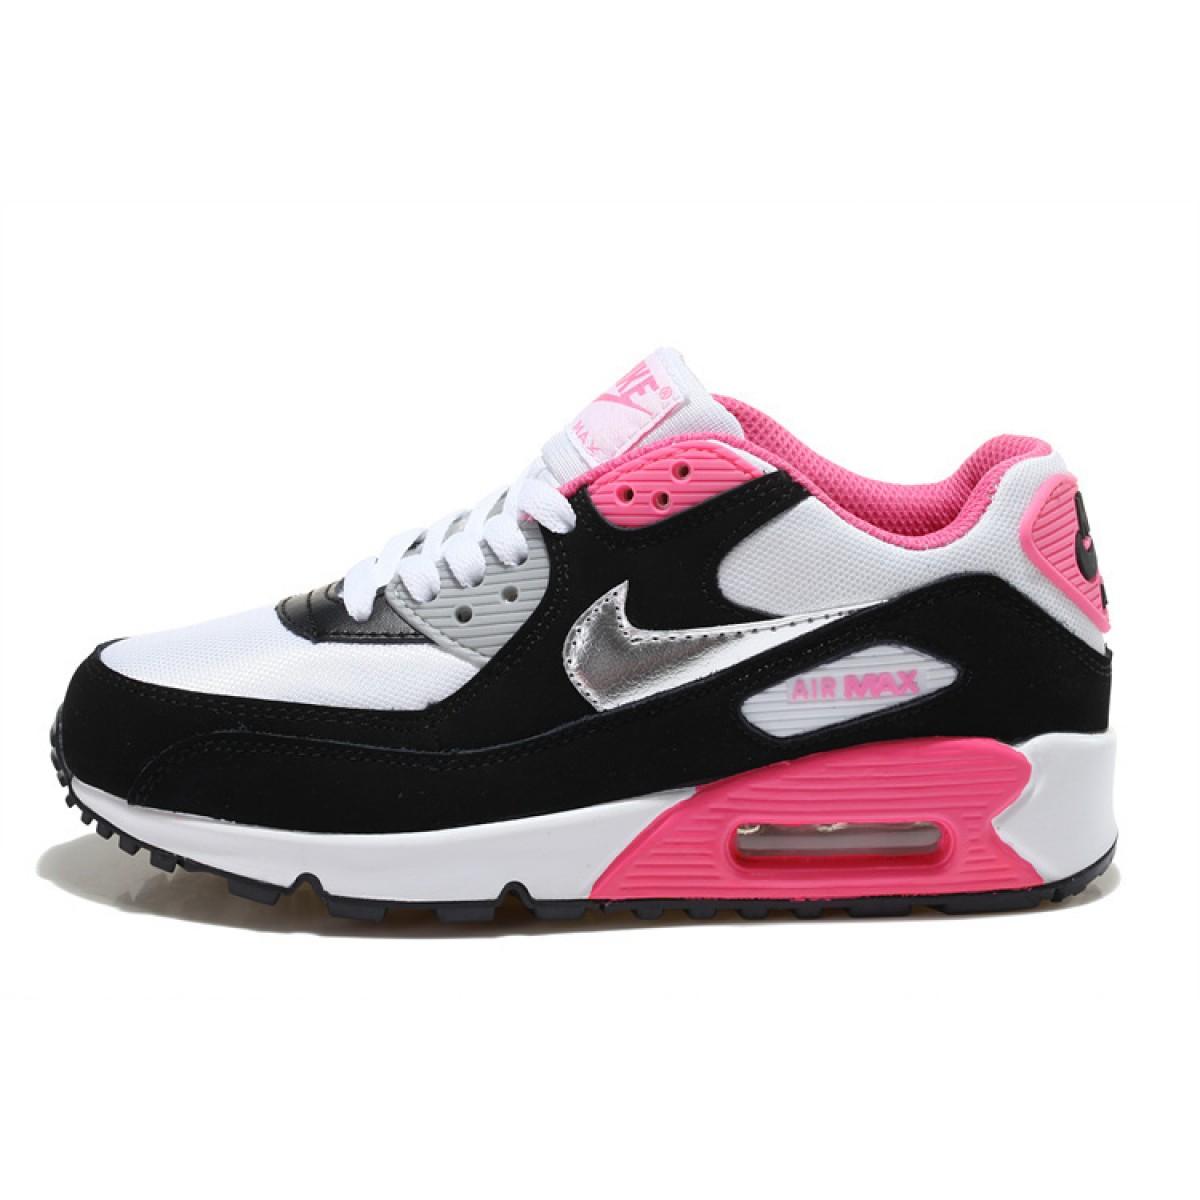 air max femme 90,Femme Homme Nike Air Max 90 Marron Gris ...